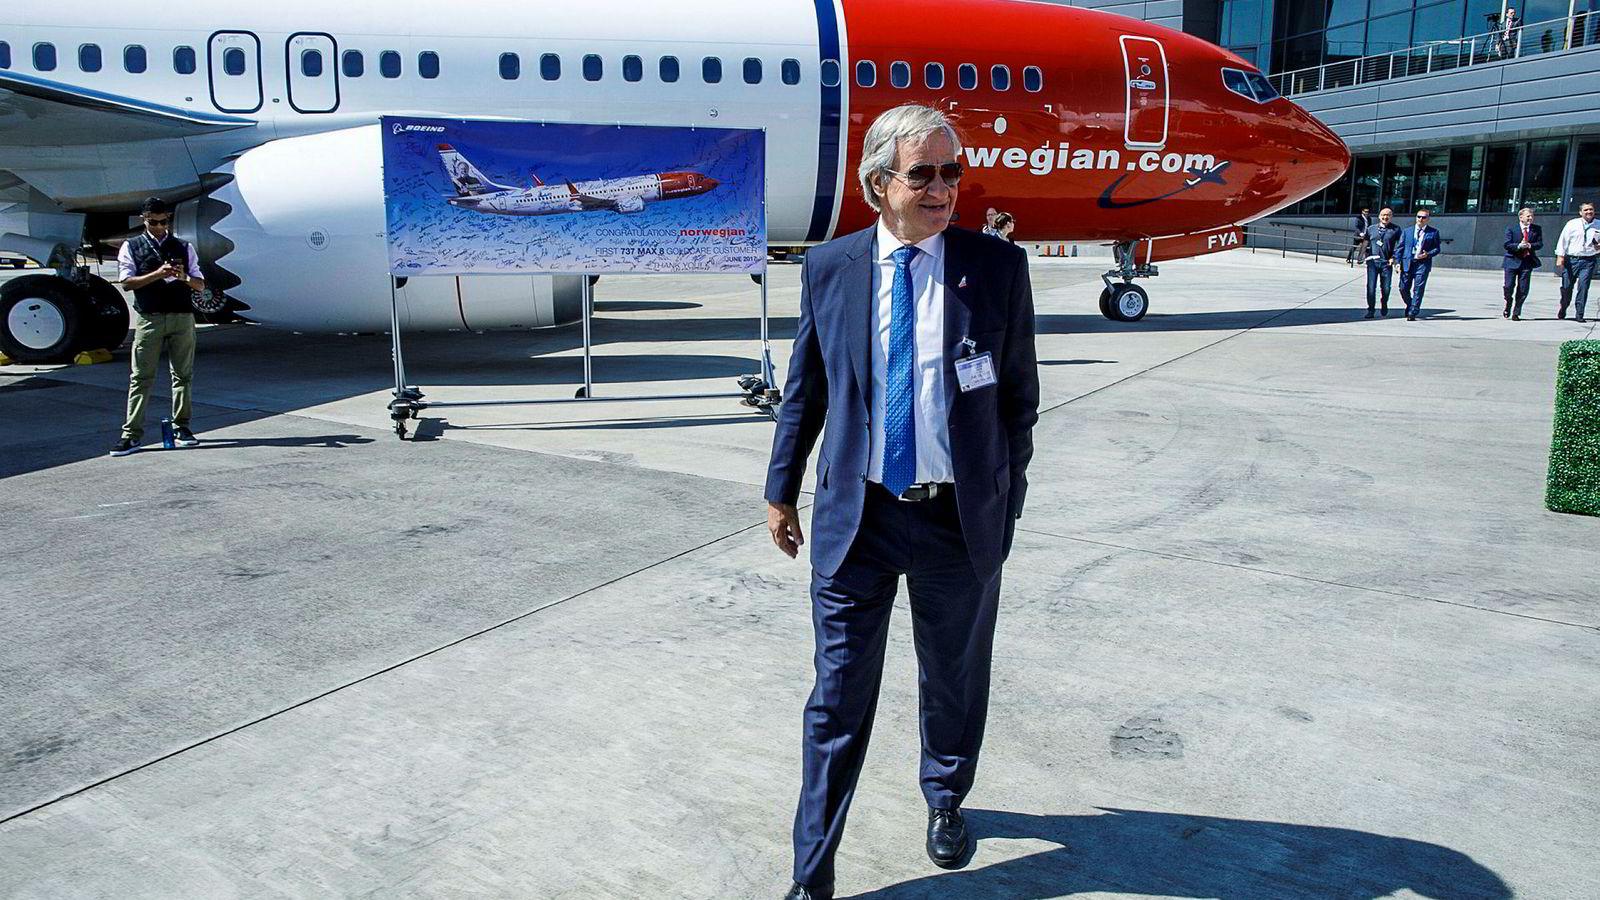 Norwegian-sjef Bjørn Kjos tok imot første Boeing 737 Max i Seattle i 2017. Flyforbudet for denne flytypen påfører nå Norwegian store tap og frem mot august tror selskapet at regningen blir på opp mot 500 millioner kroner.